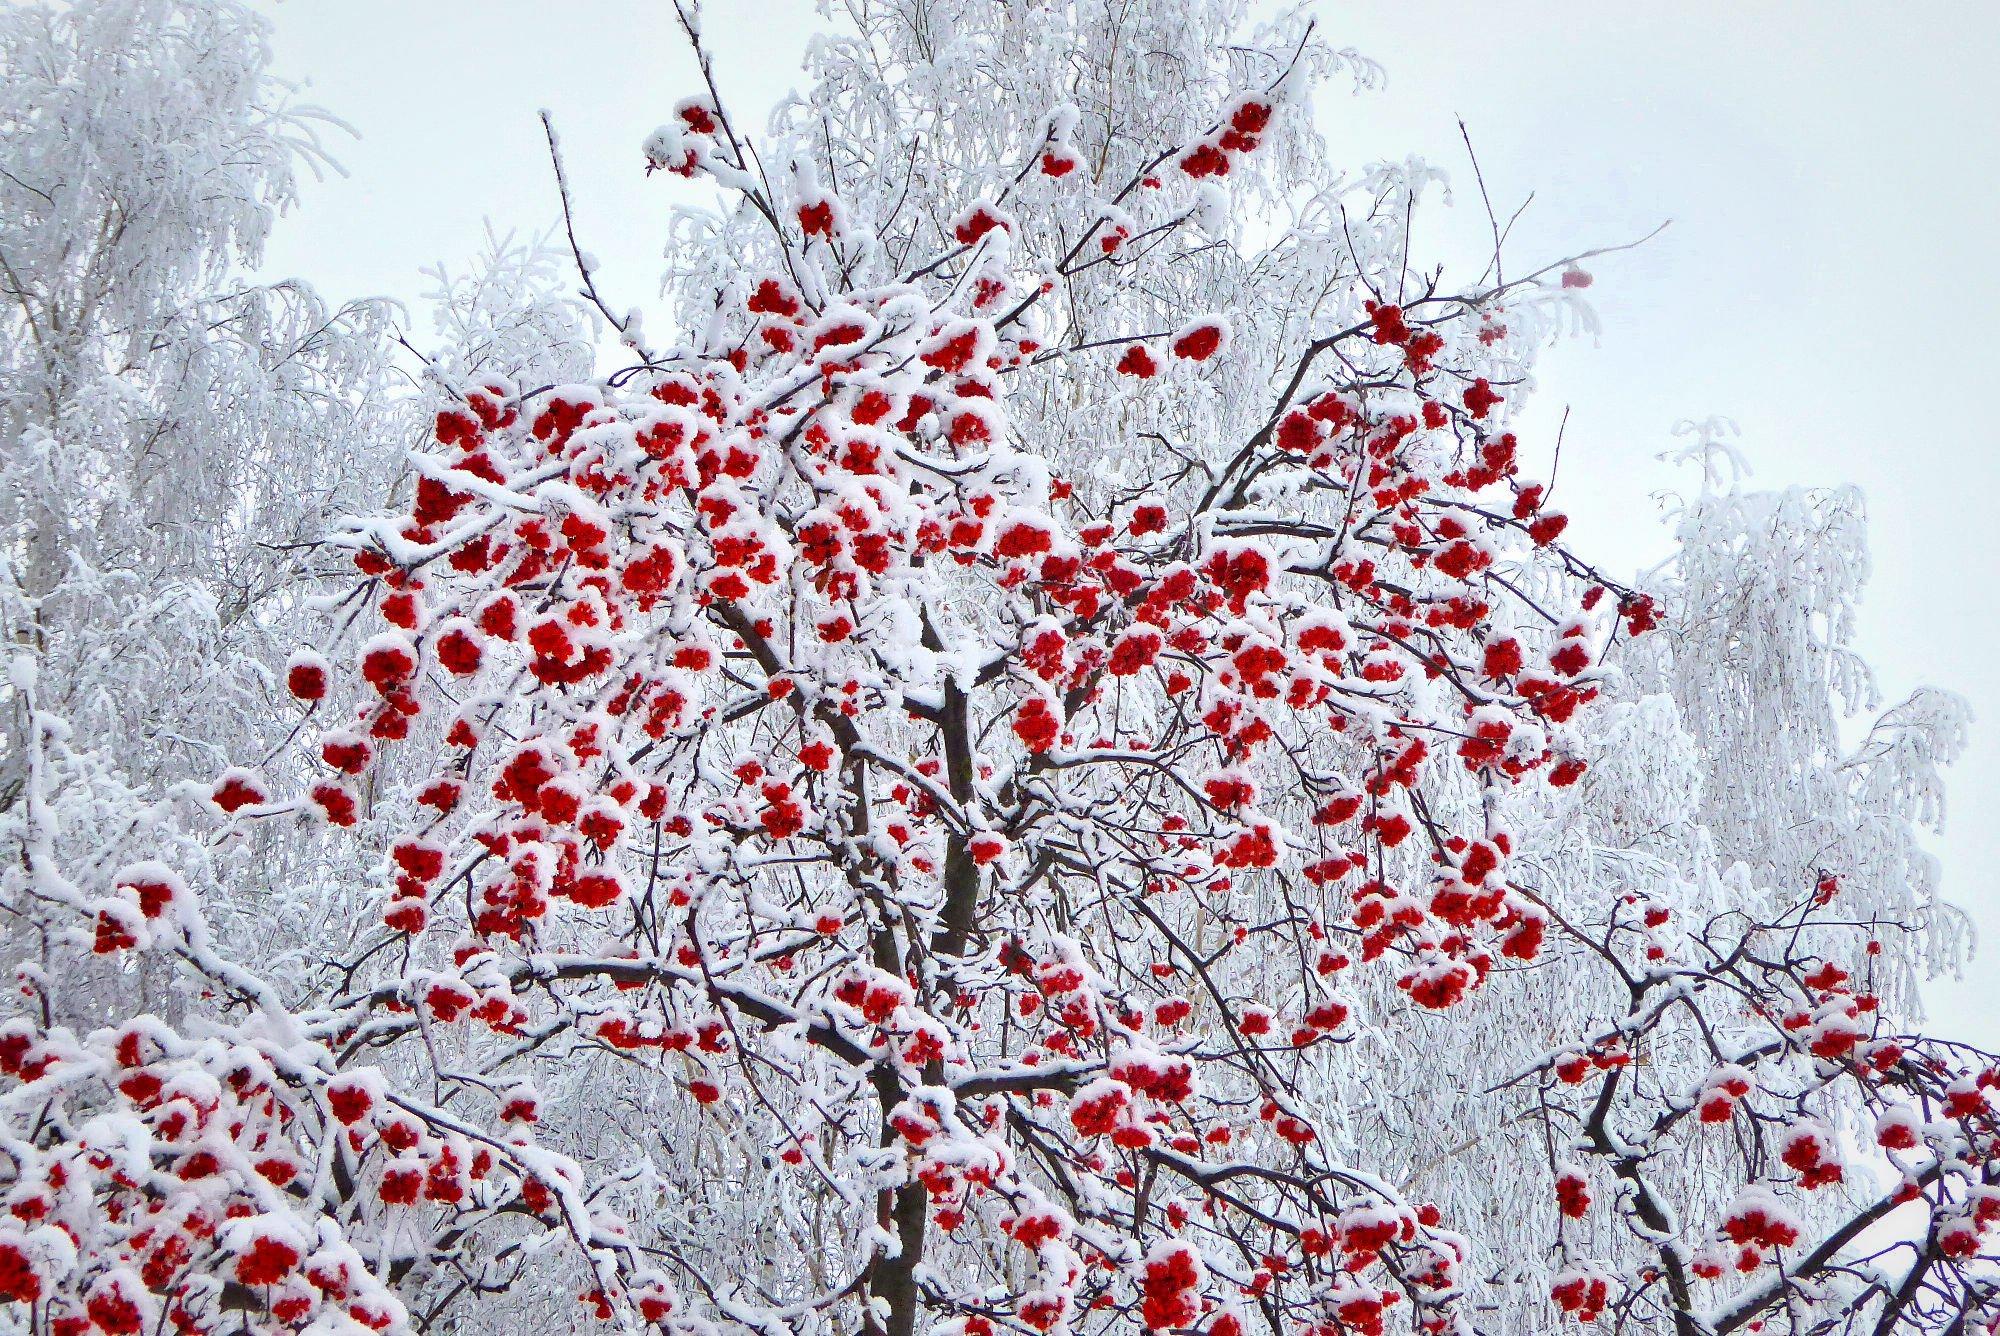 Картинки дерева рябины зимой для детей